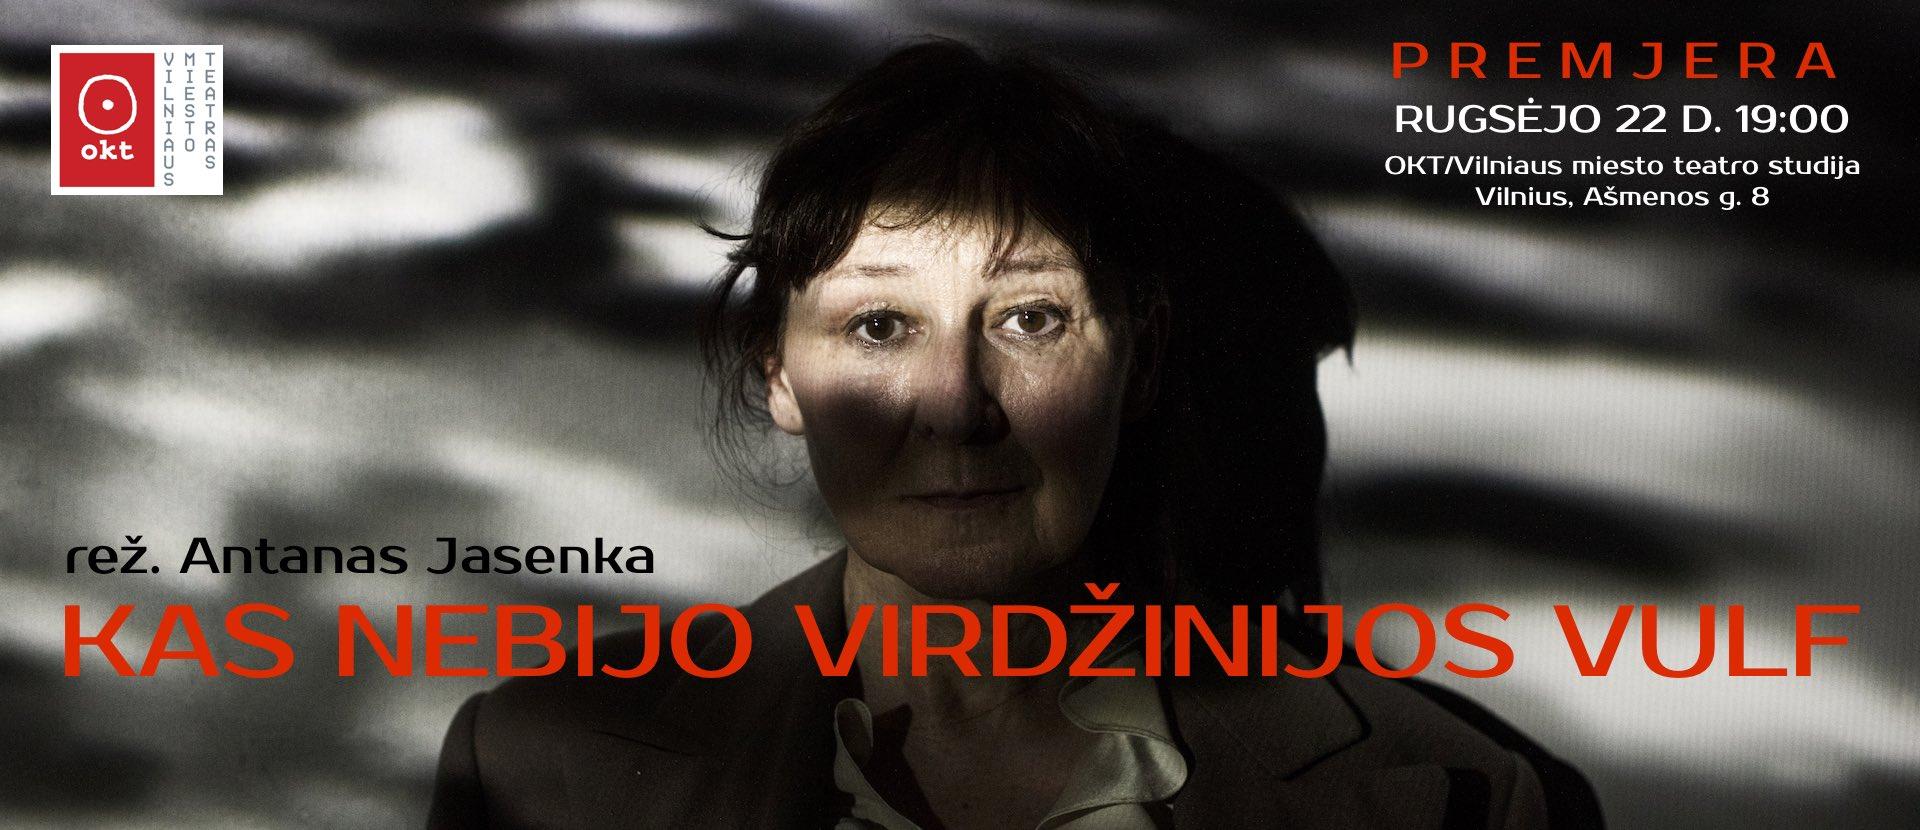 """PREMJERA! OKT / Vilniaus miesto teatras: """"Kas nebijo Virdžinijos Vulf"""" (rež. Antanas Jasenka)"""